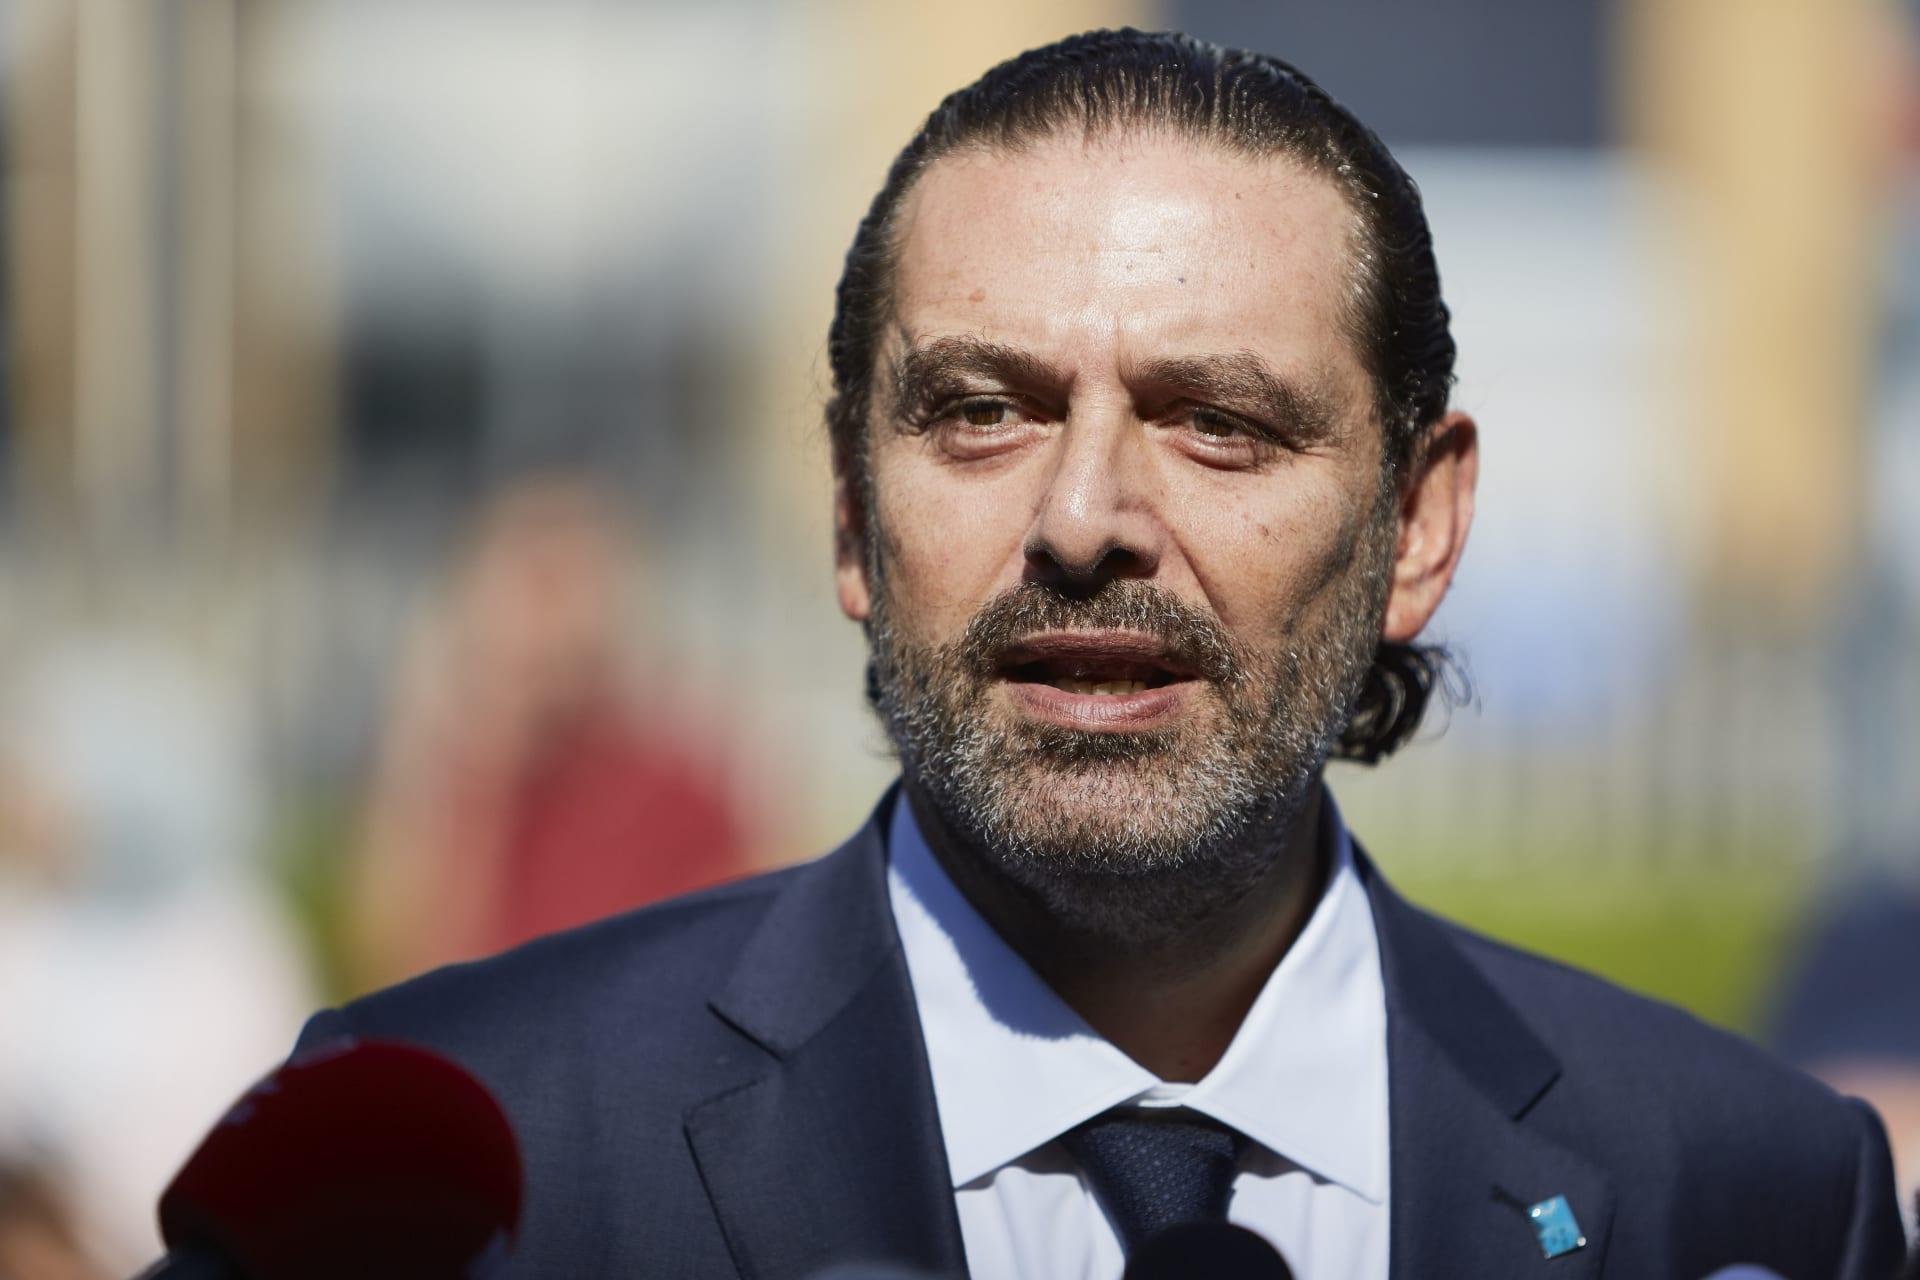 """بعد حديث عن """"أهل المحبة"""" وداعش.. الحريري يرد على تصريحات وزير خارجية لبنان: لا يمت للدبلوماسية بصلة"""